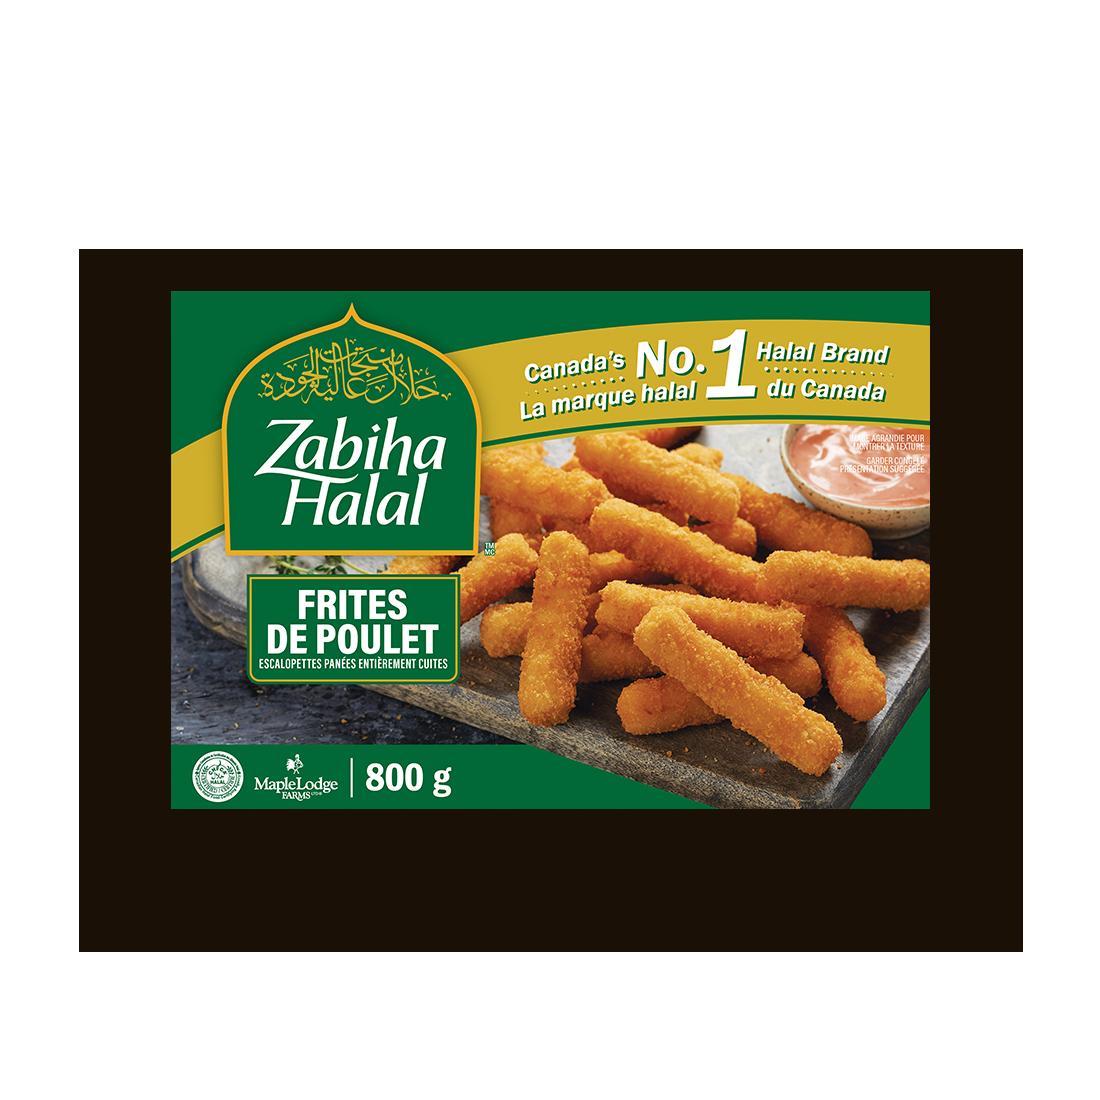 Un emballage de frites de poulet surgelées